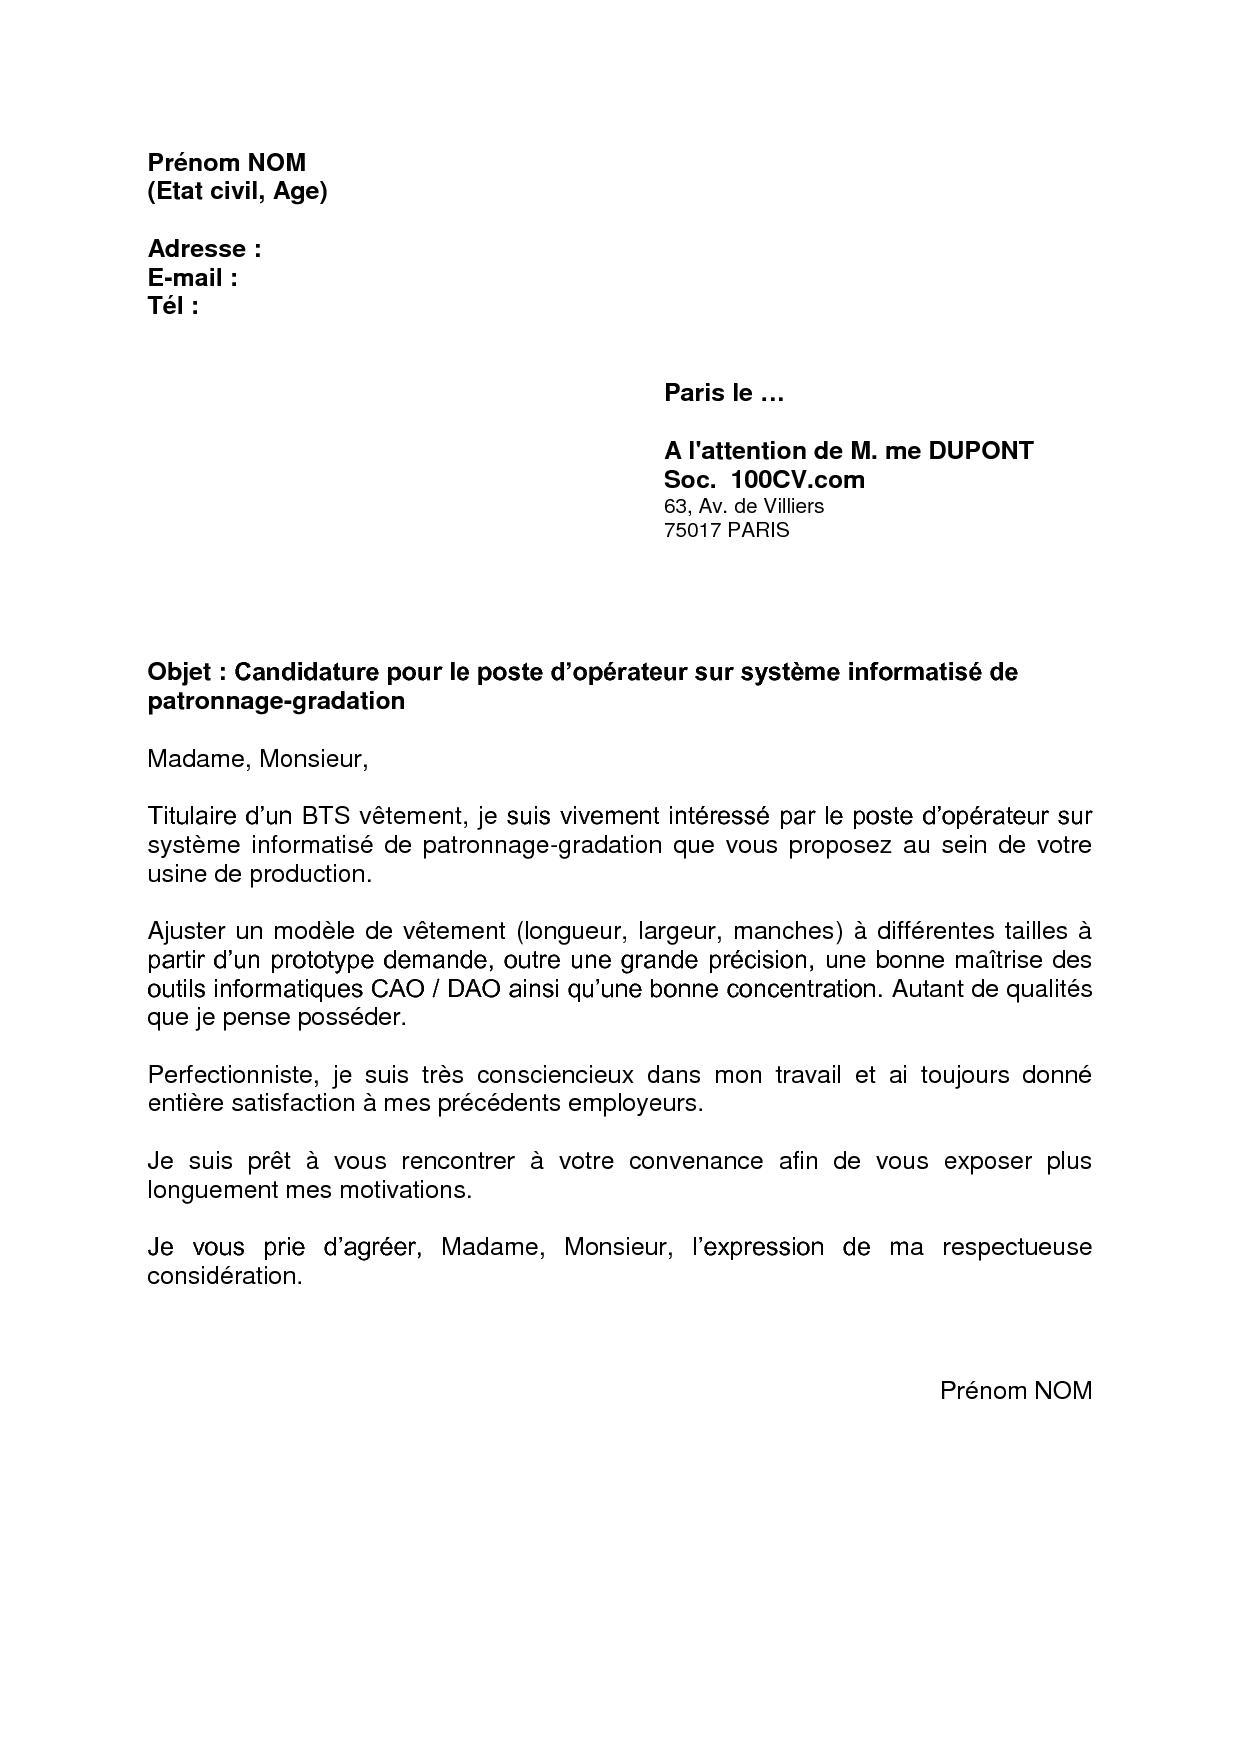 Modele lettre de motivation vae - laboite-cv.fr